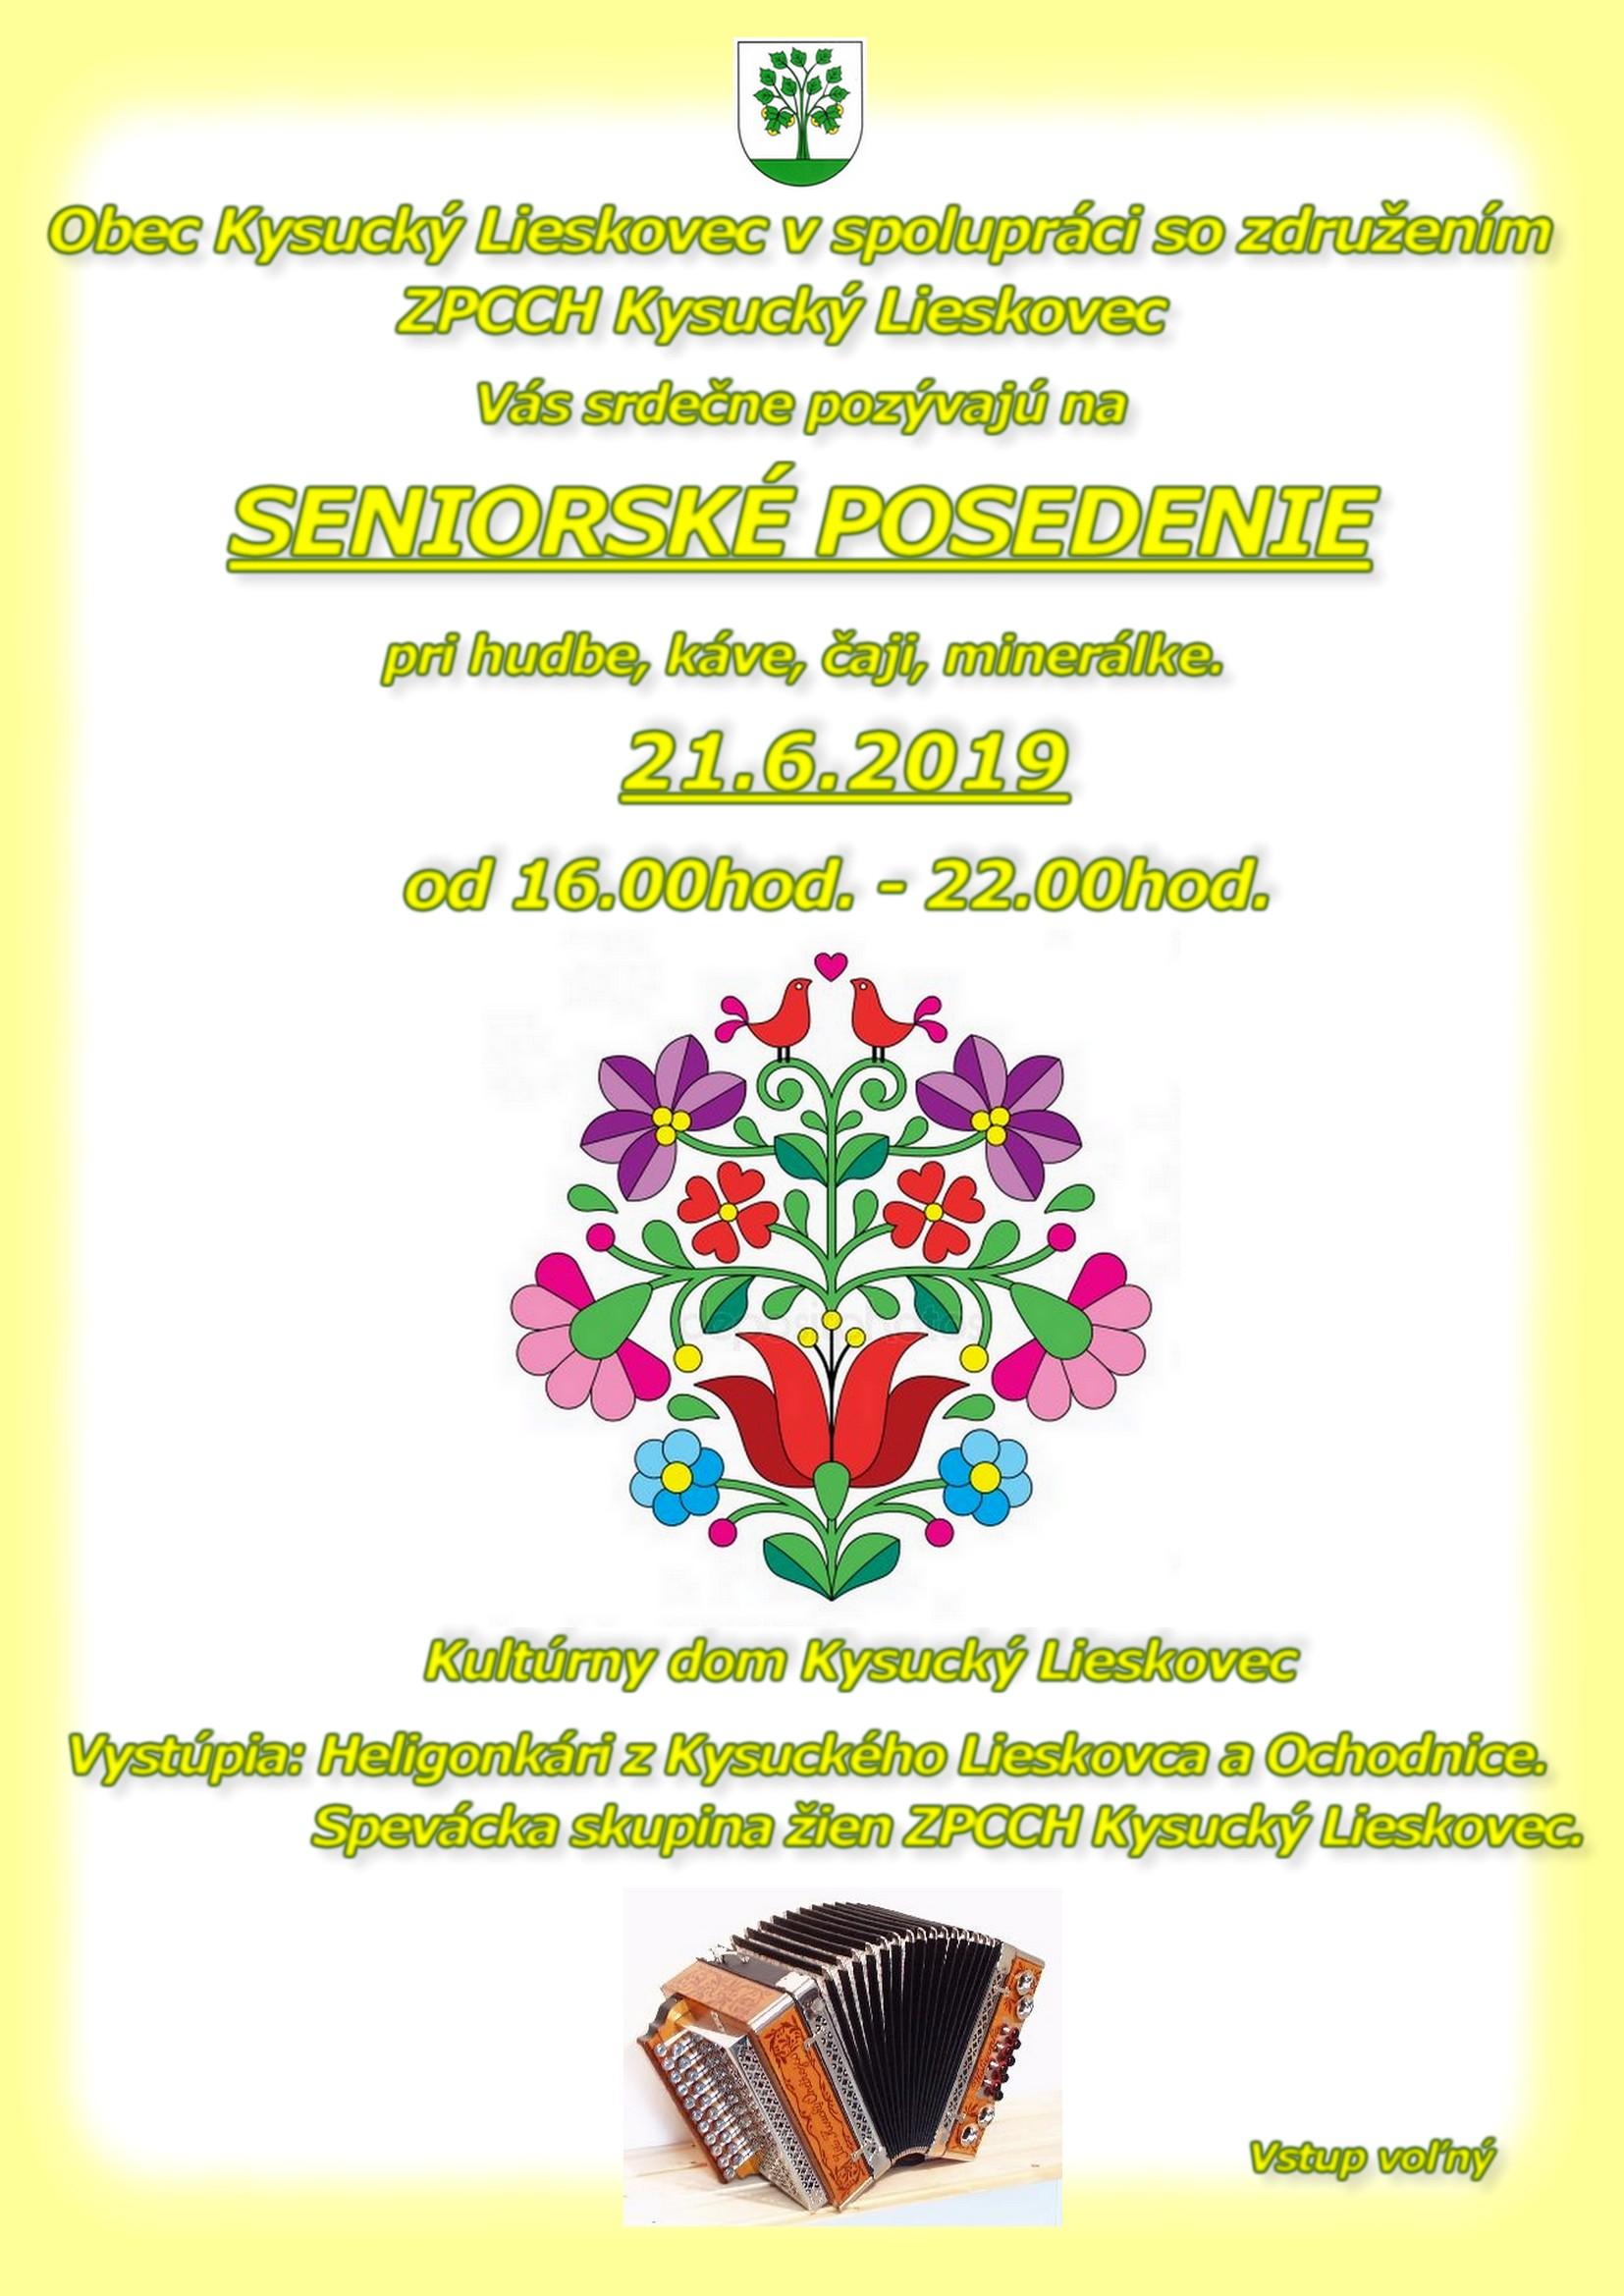 Obec Kysucký Lieskovec v spolupráci so združením ZPCCH Kysucký Lieskovec Vás srdečne pozývajú na SENIORSKÉ POSEDENIE 21.6.2019 od 16:00 - 22:00.